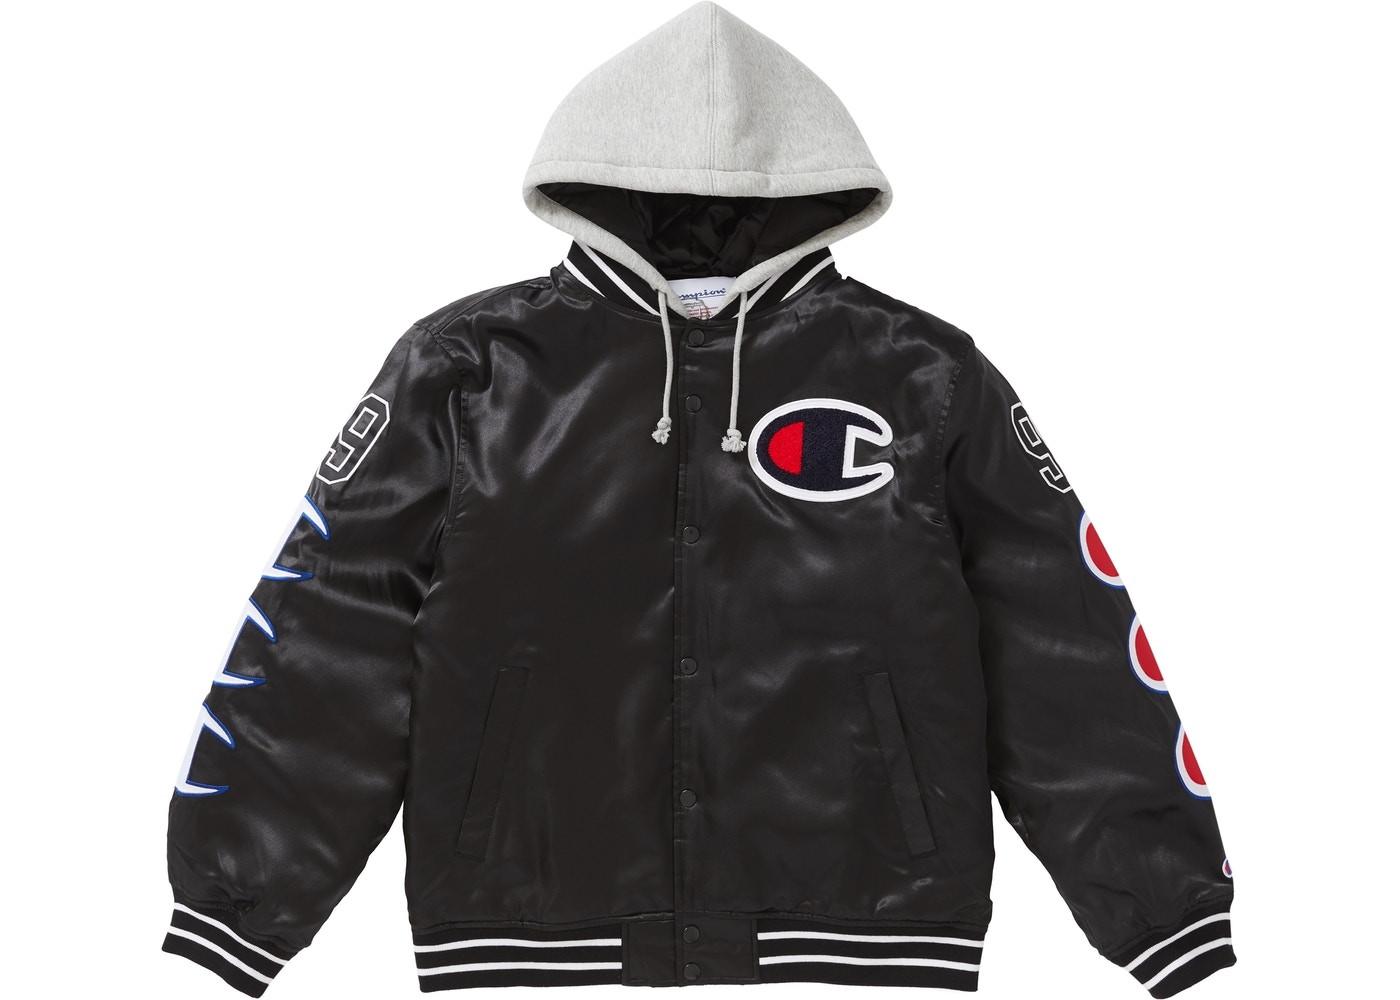 dae583c4af8039 Supreme Champion Hooded Satin Varsity Jacket